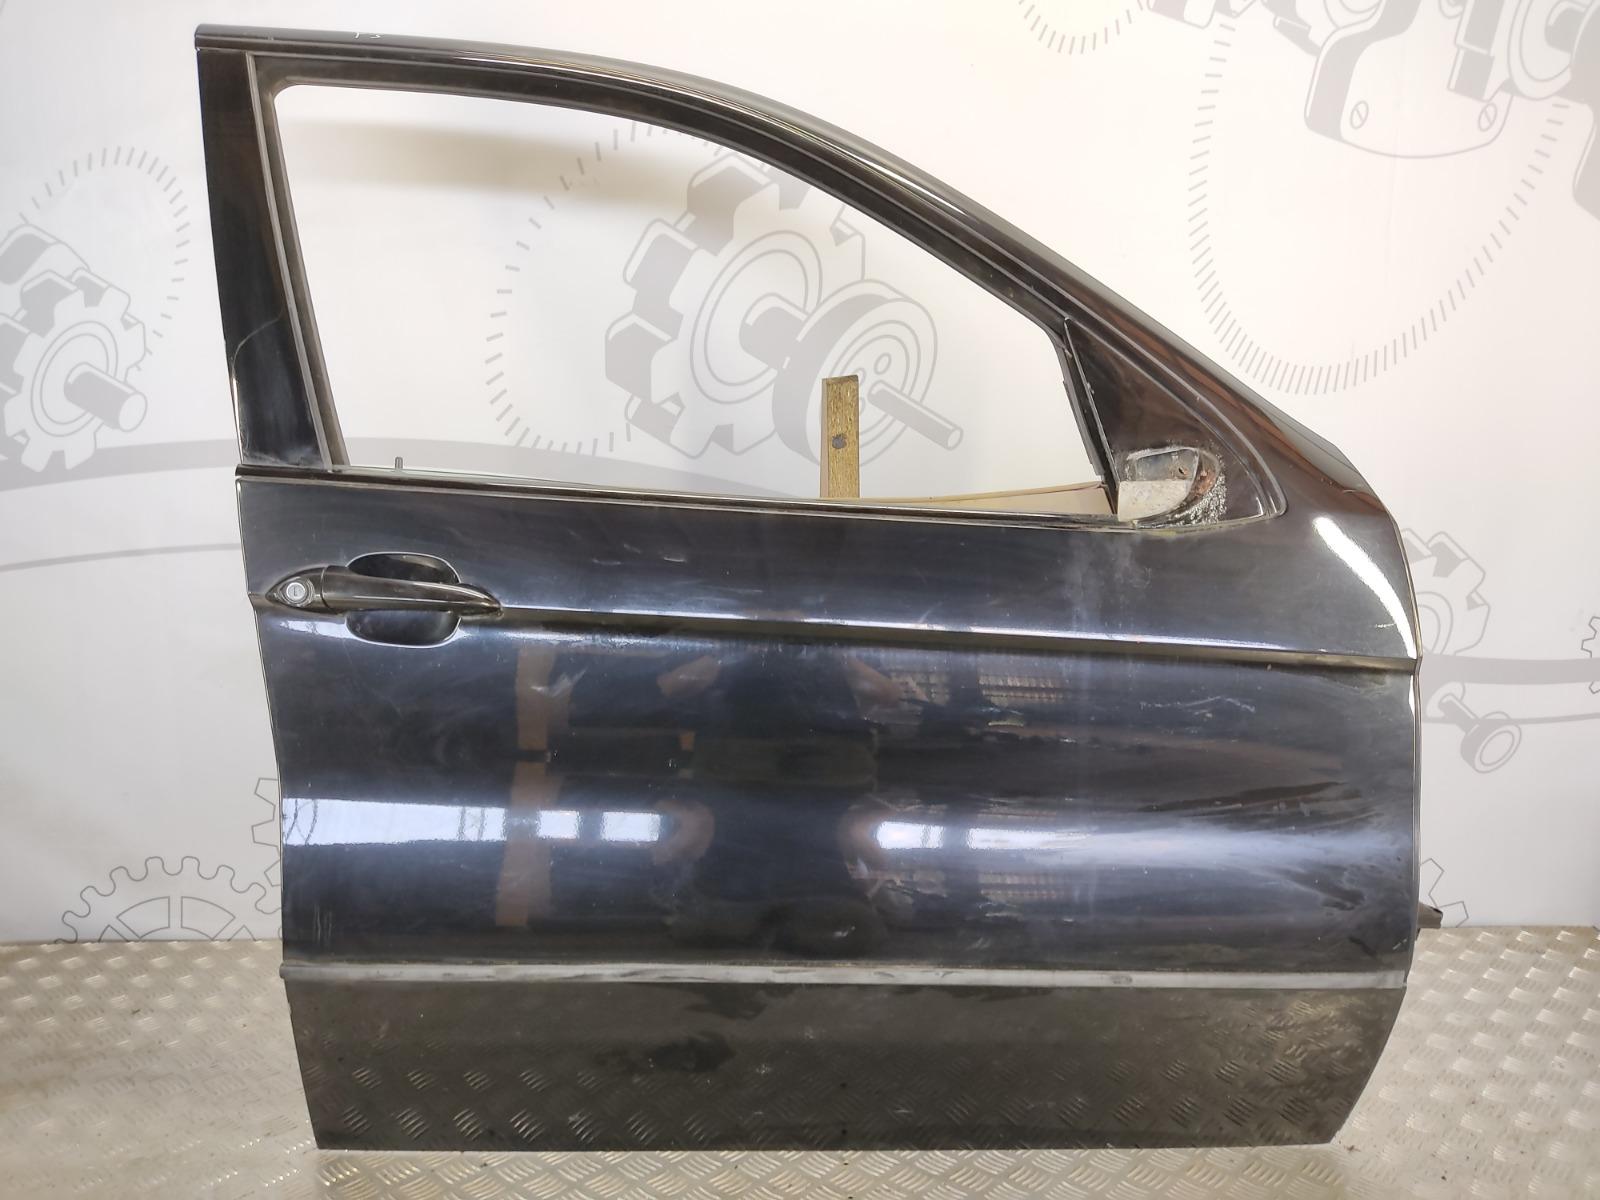 Дверь передняя правая Bmw X5 E53 4.4 I 2001 (б/у)